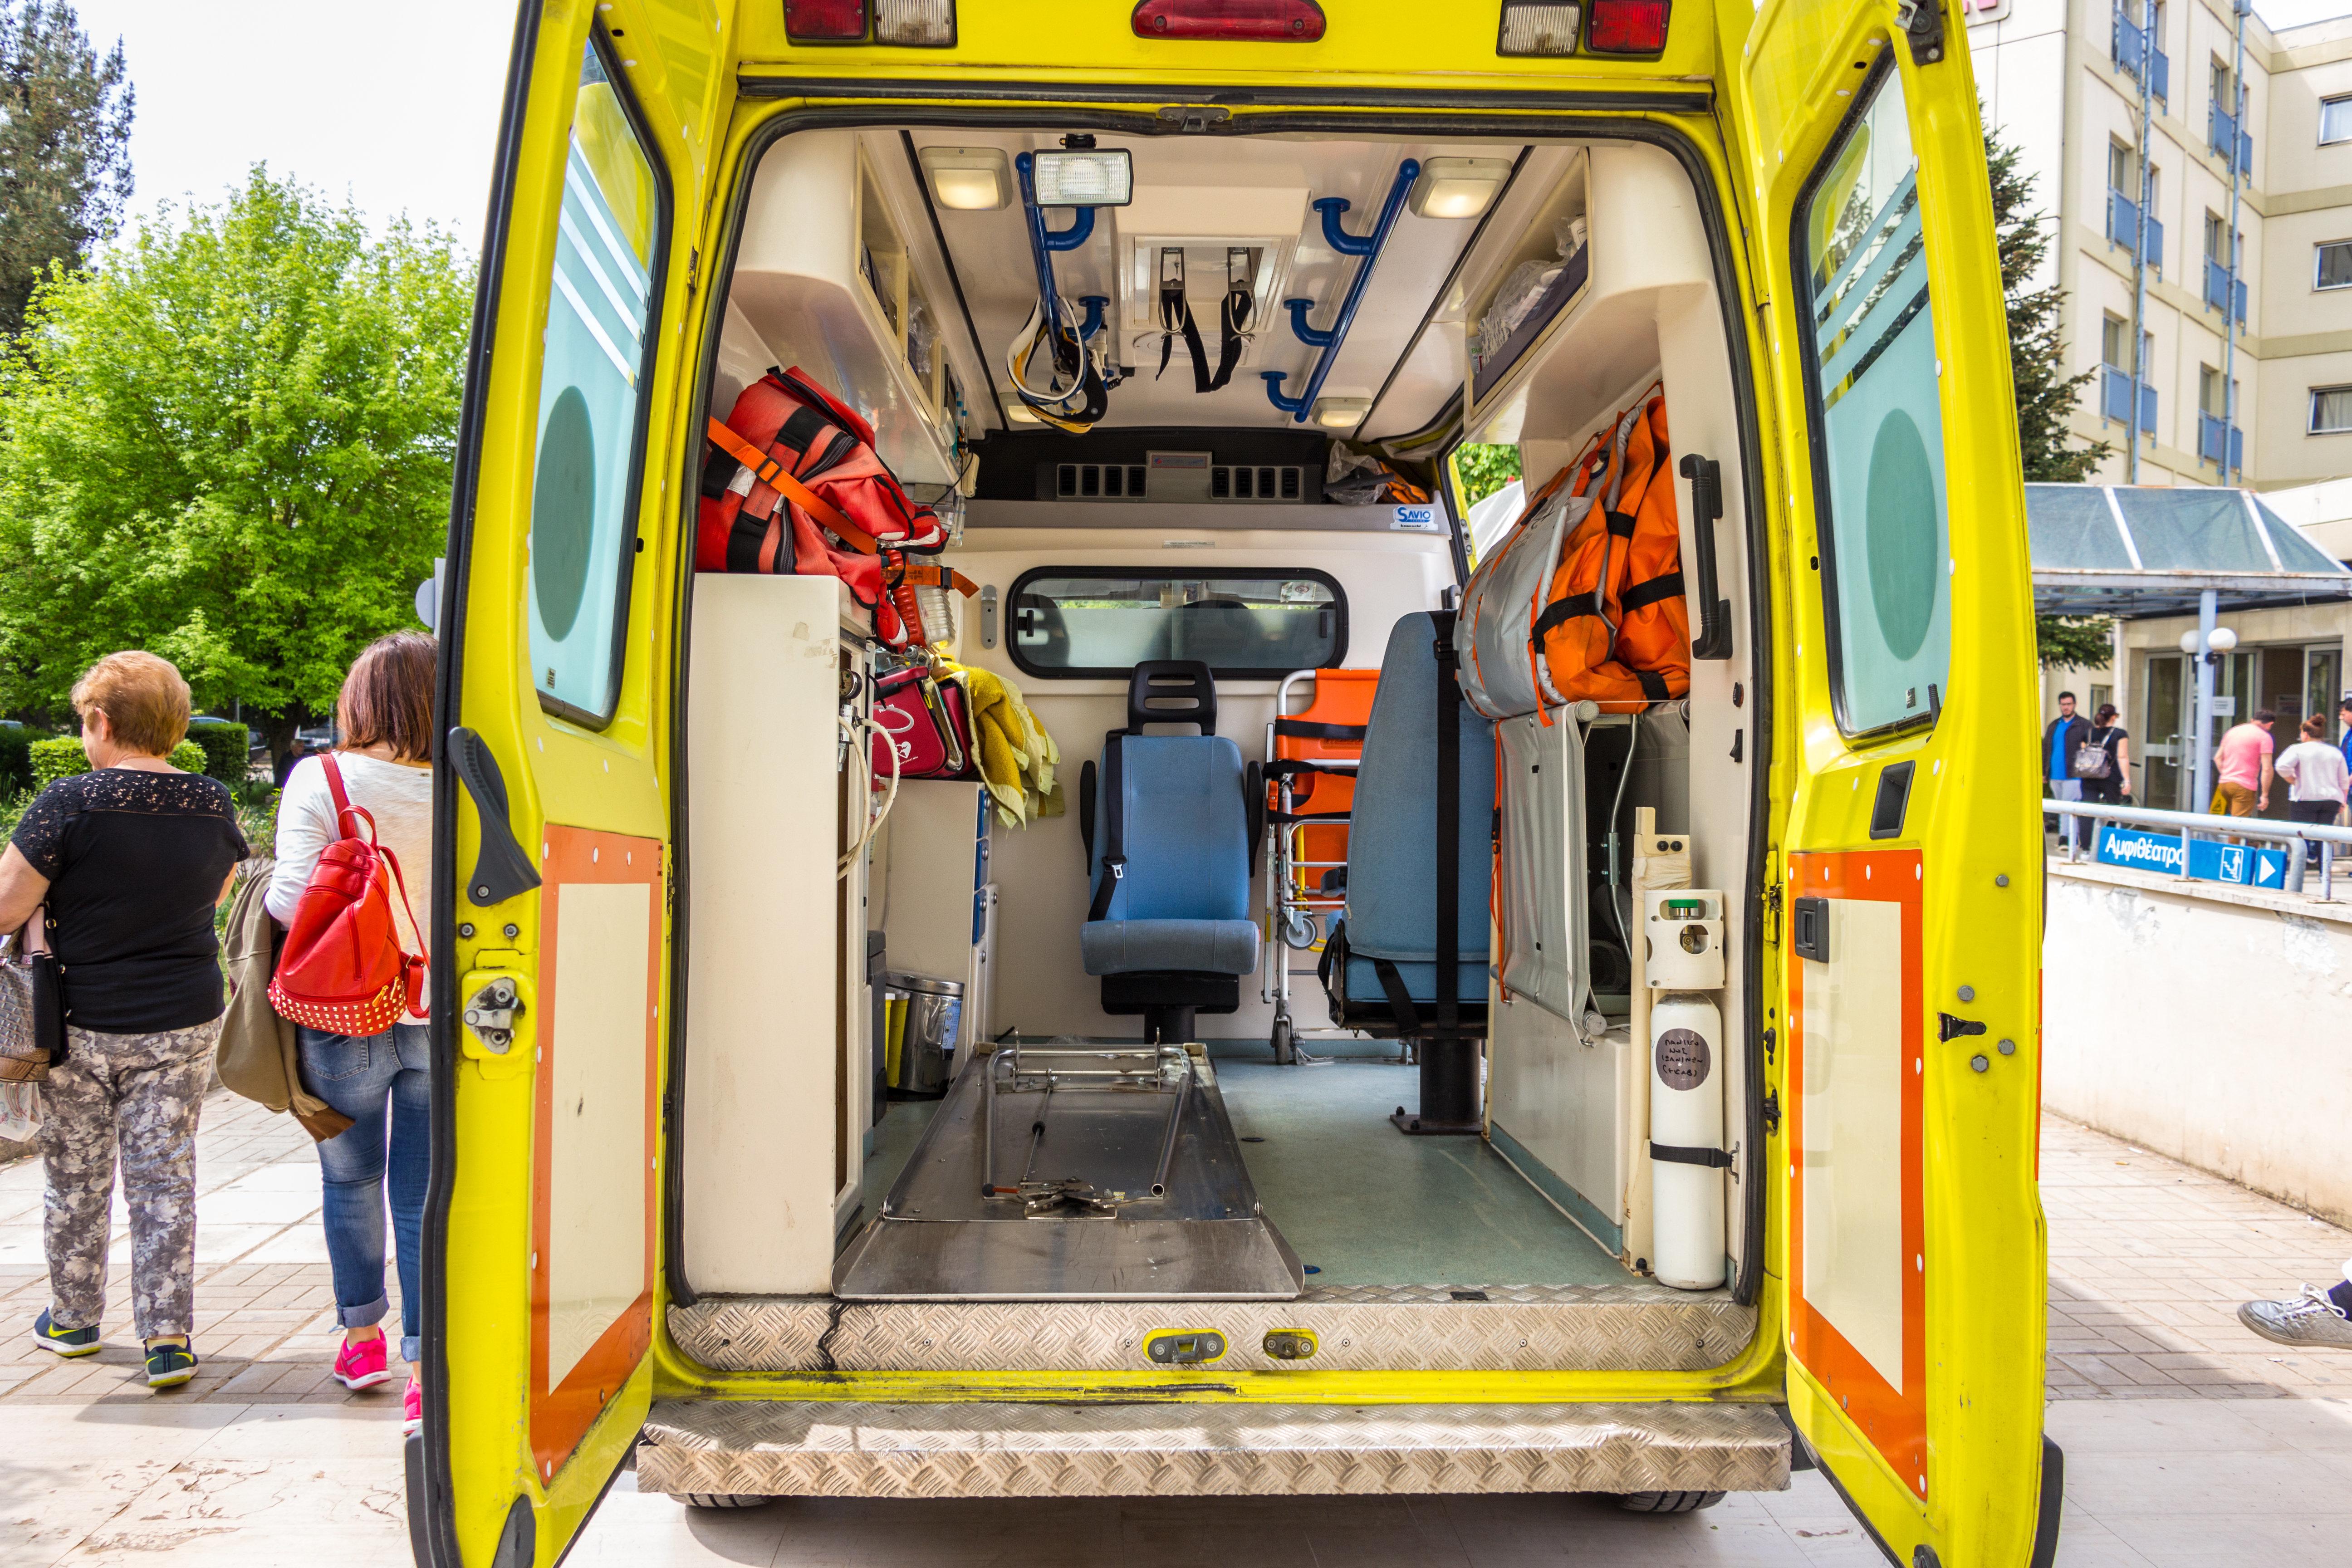 Πρόωρος τοκετός για τη μητέρα και σε κρίσιμη κατάσταση η 9χρονη που ενεπλάκησαν στο τροχαίο στο